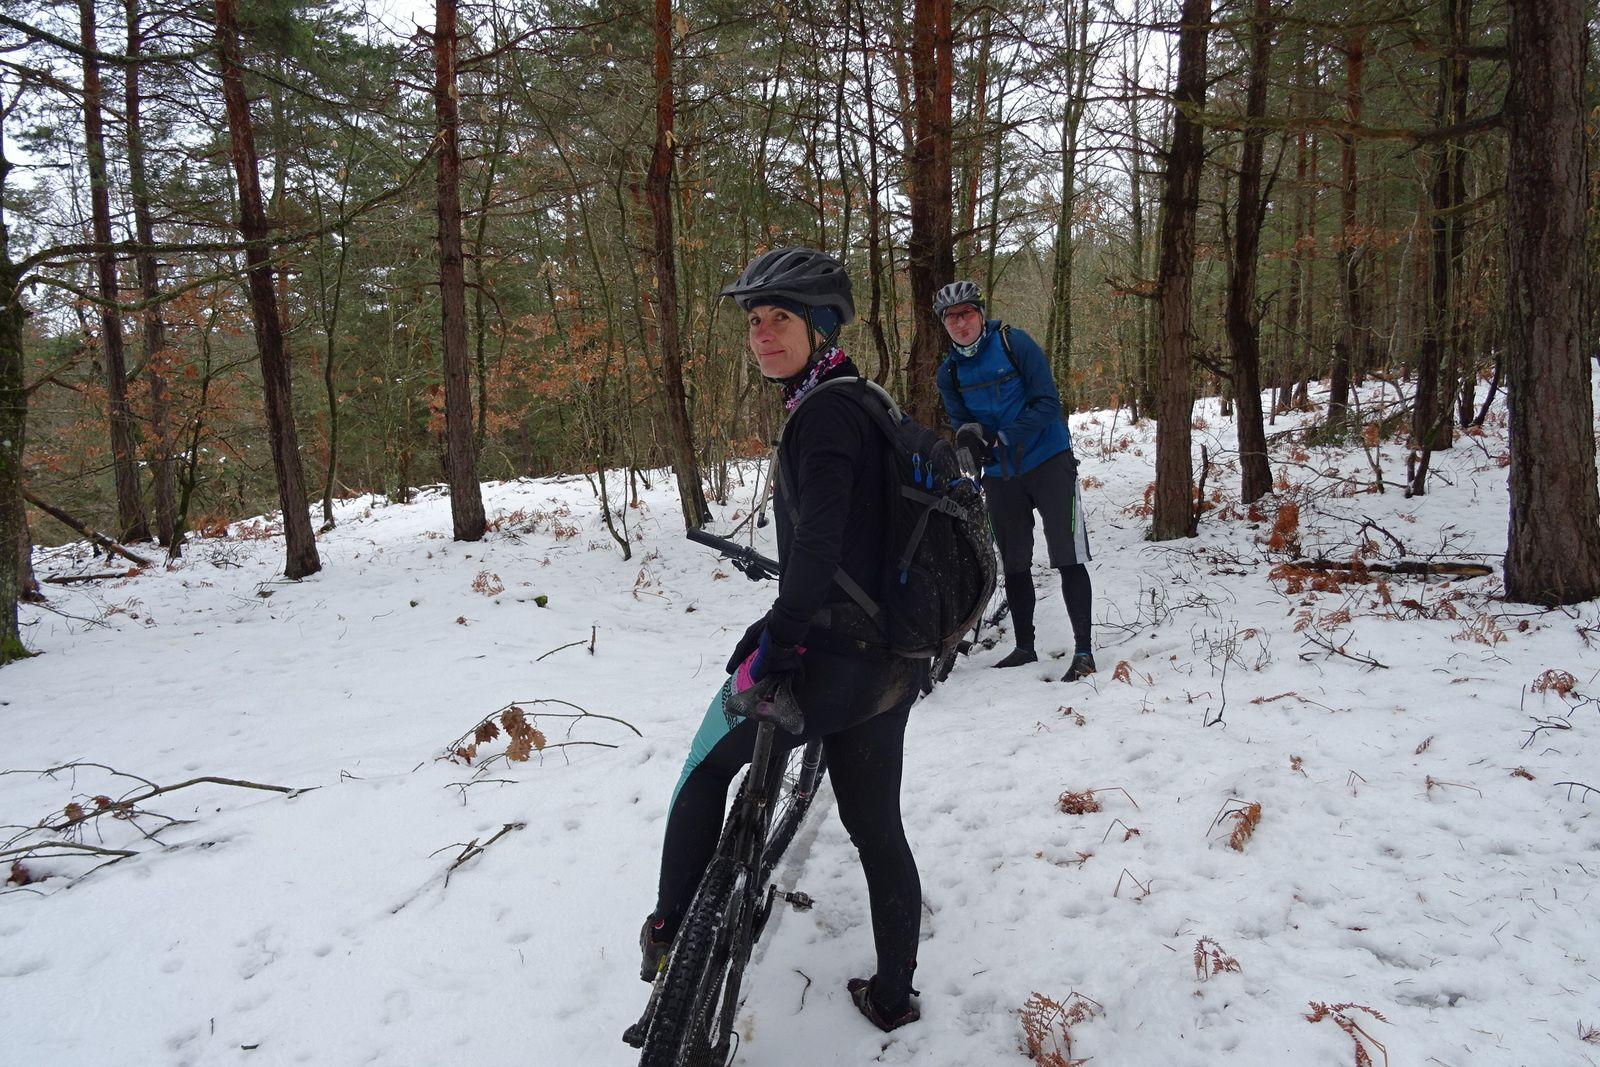 2019, janvier et février passent lentement. Raphaël nous rend visite, nous roulons dans la neige.